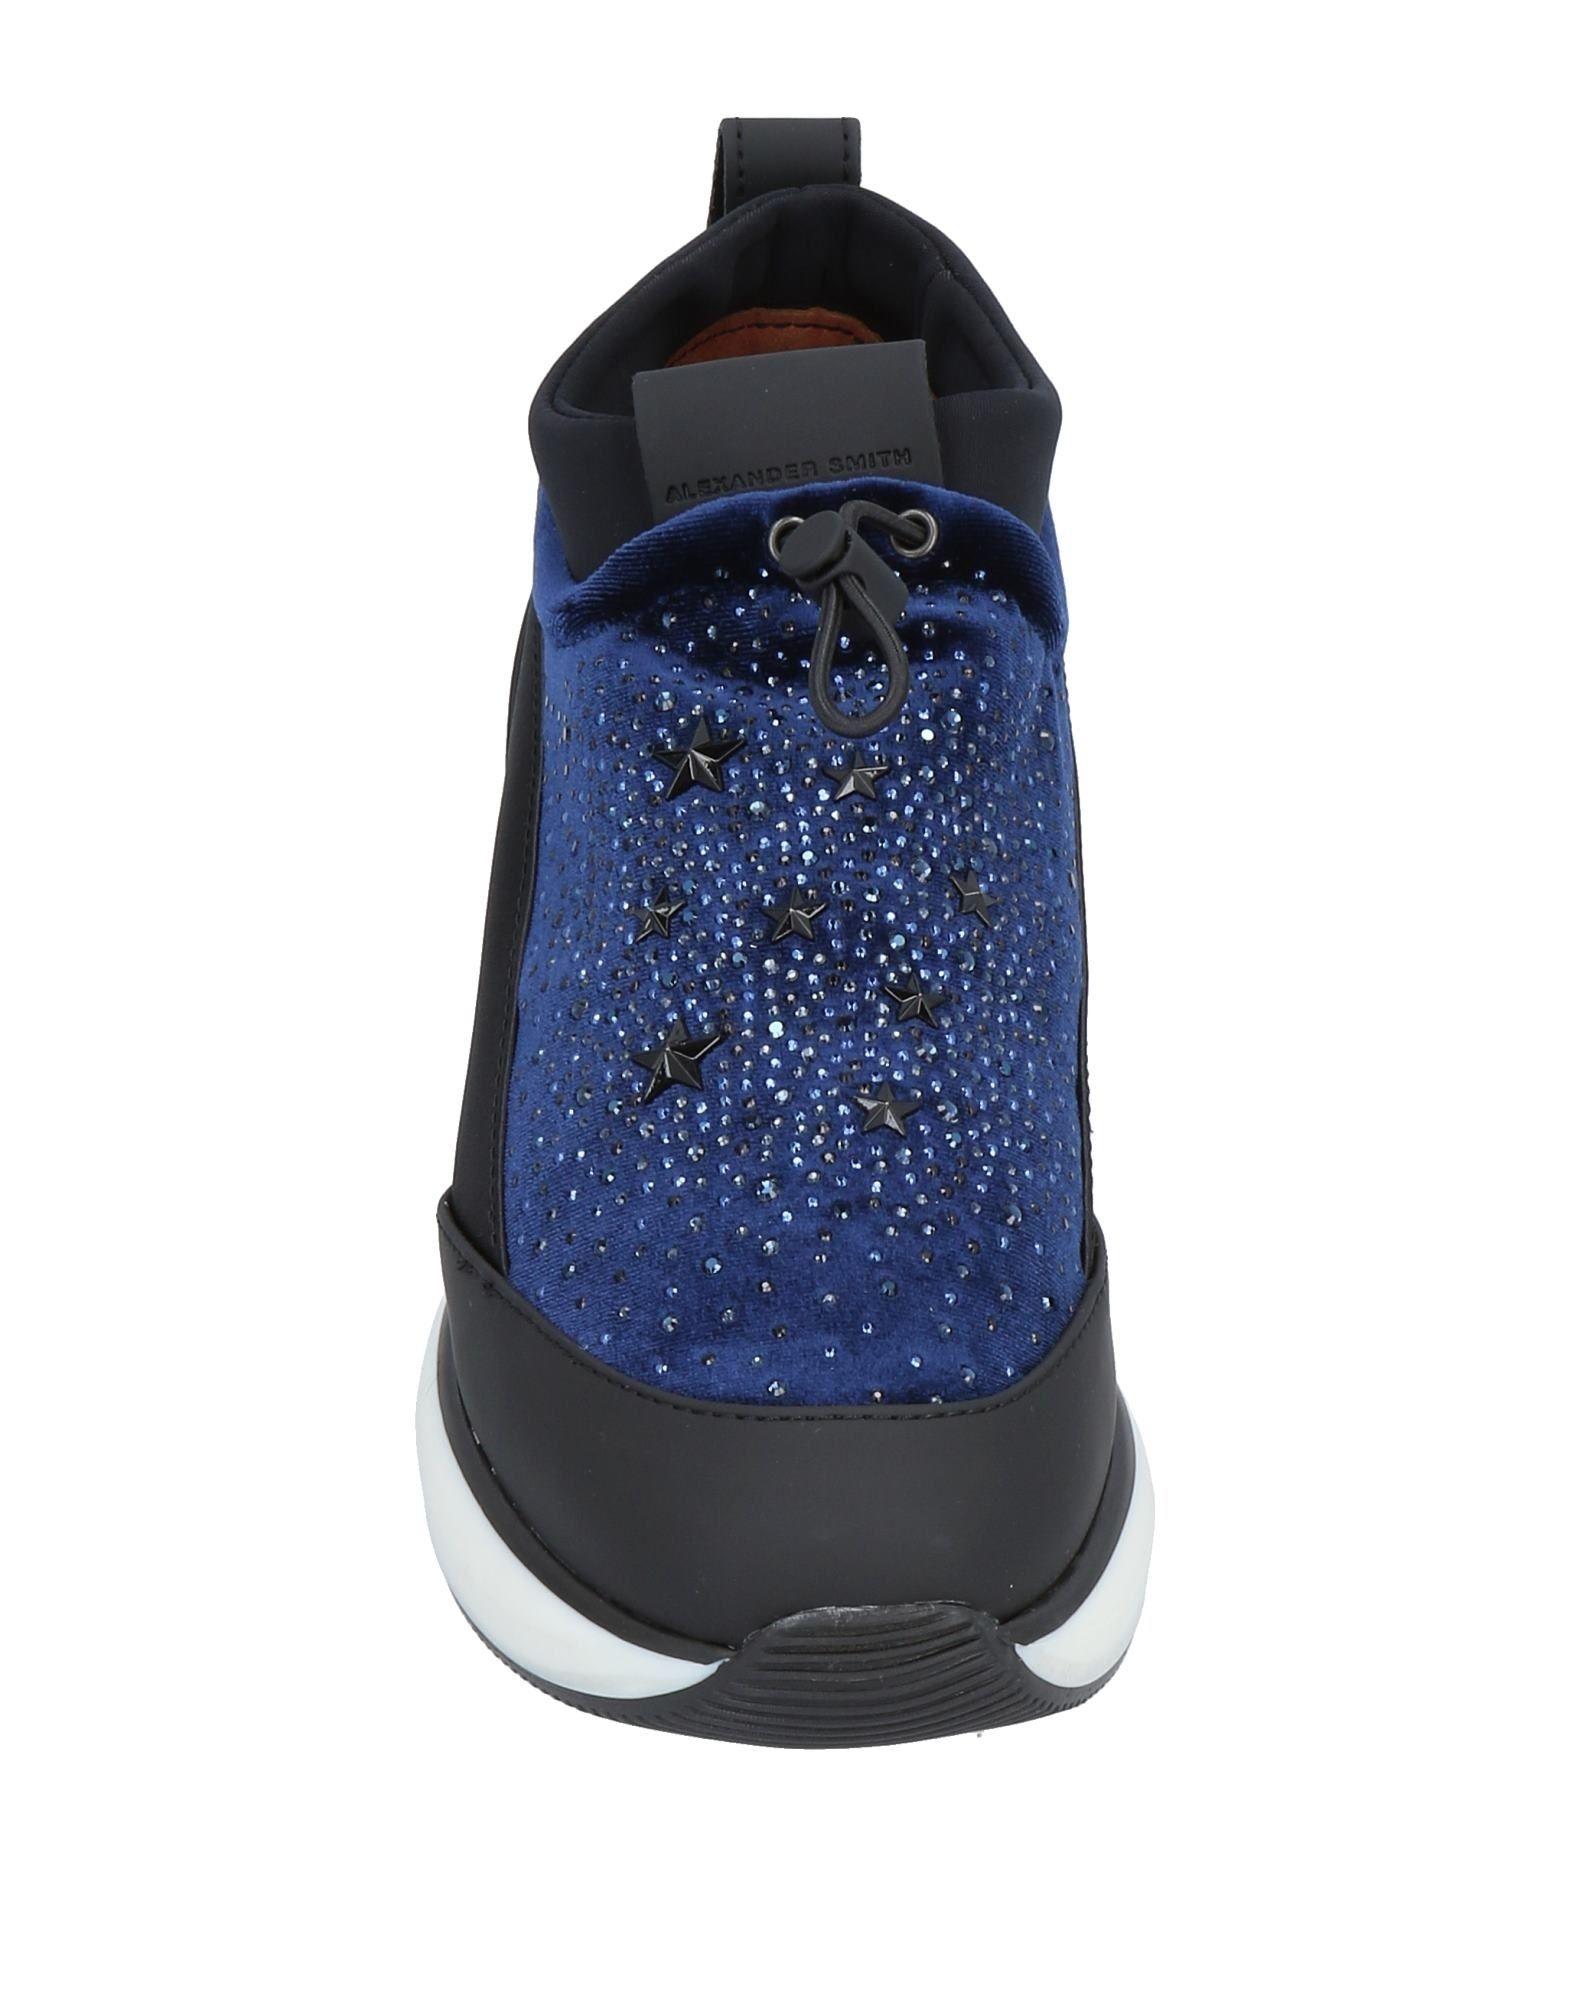 Gut um billige Schuhe Damen zu tragenAlexander Smith Sneakers Damen Schuhe  11487197UH 970975